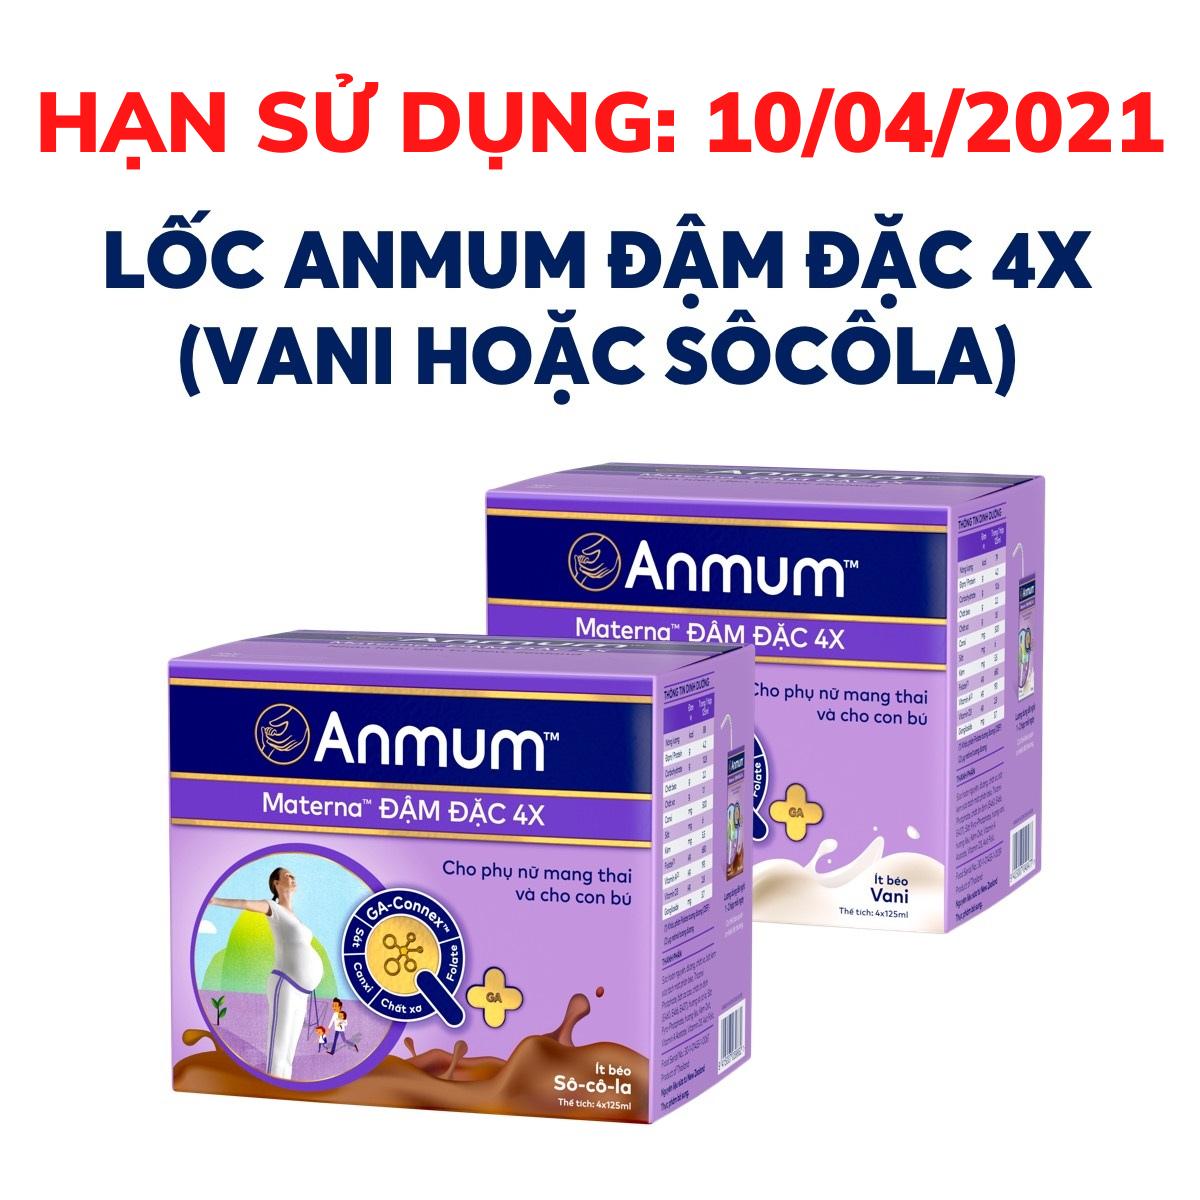 Sữa nước Anmum Materna Đậm đặc 4X (hương ngẫu nhiên) (hạn sử dụng: 10/04/2021)